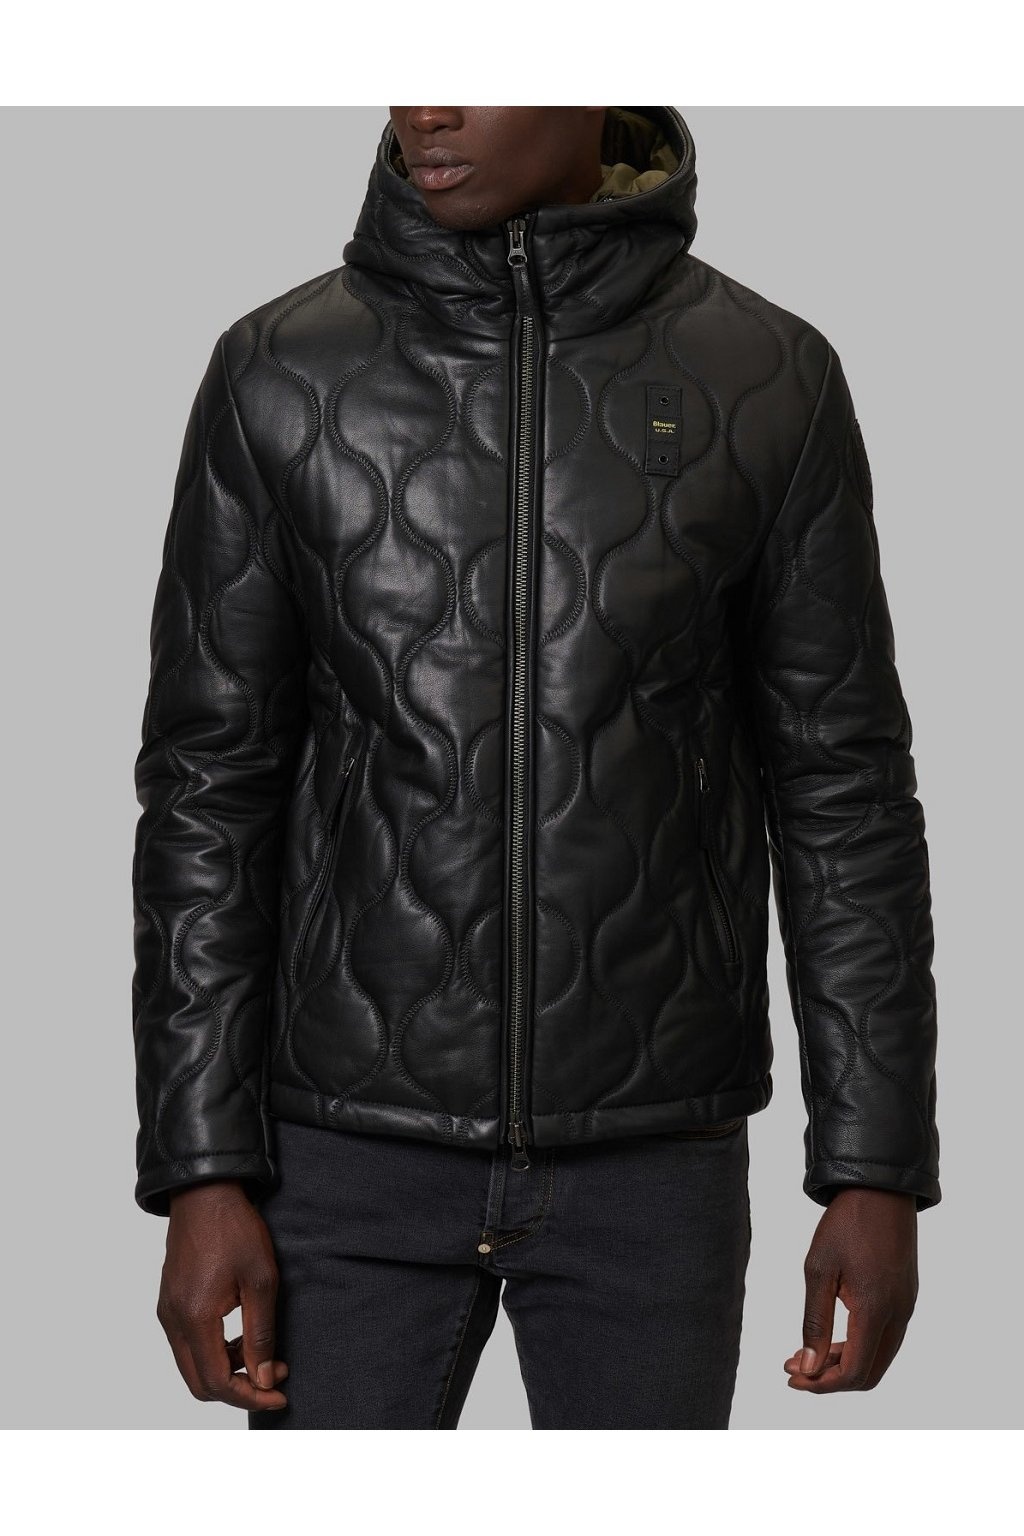 Pánská bunda Blauer 21WBLUL01210 černá